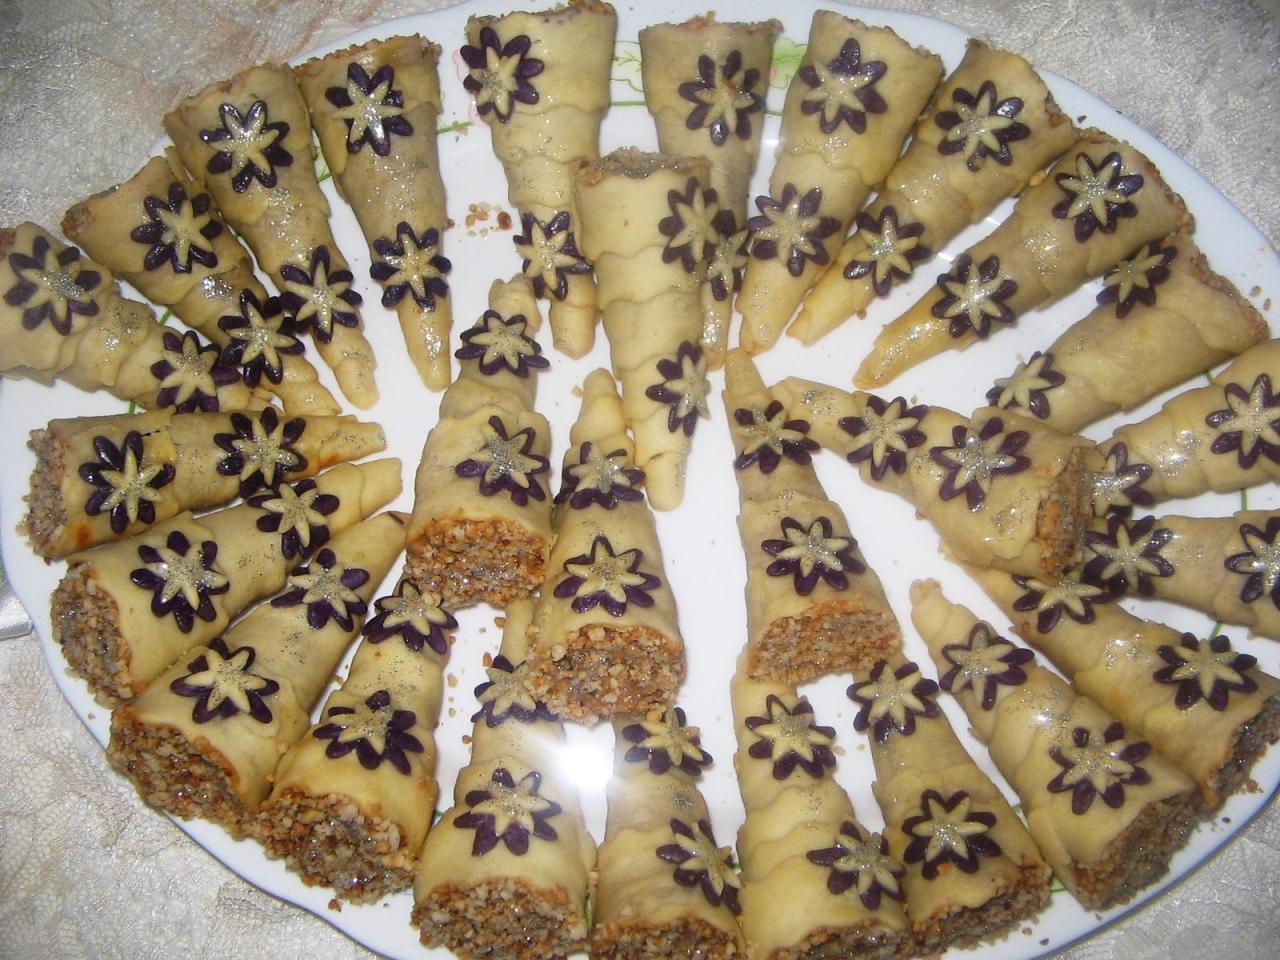 بالصور حلويات العيد الجزائرية الجديدة بالصور , العبد افضل انواع الحلويات 12281 1